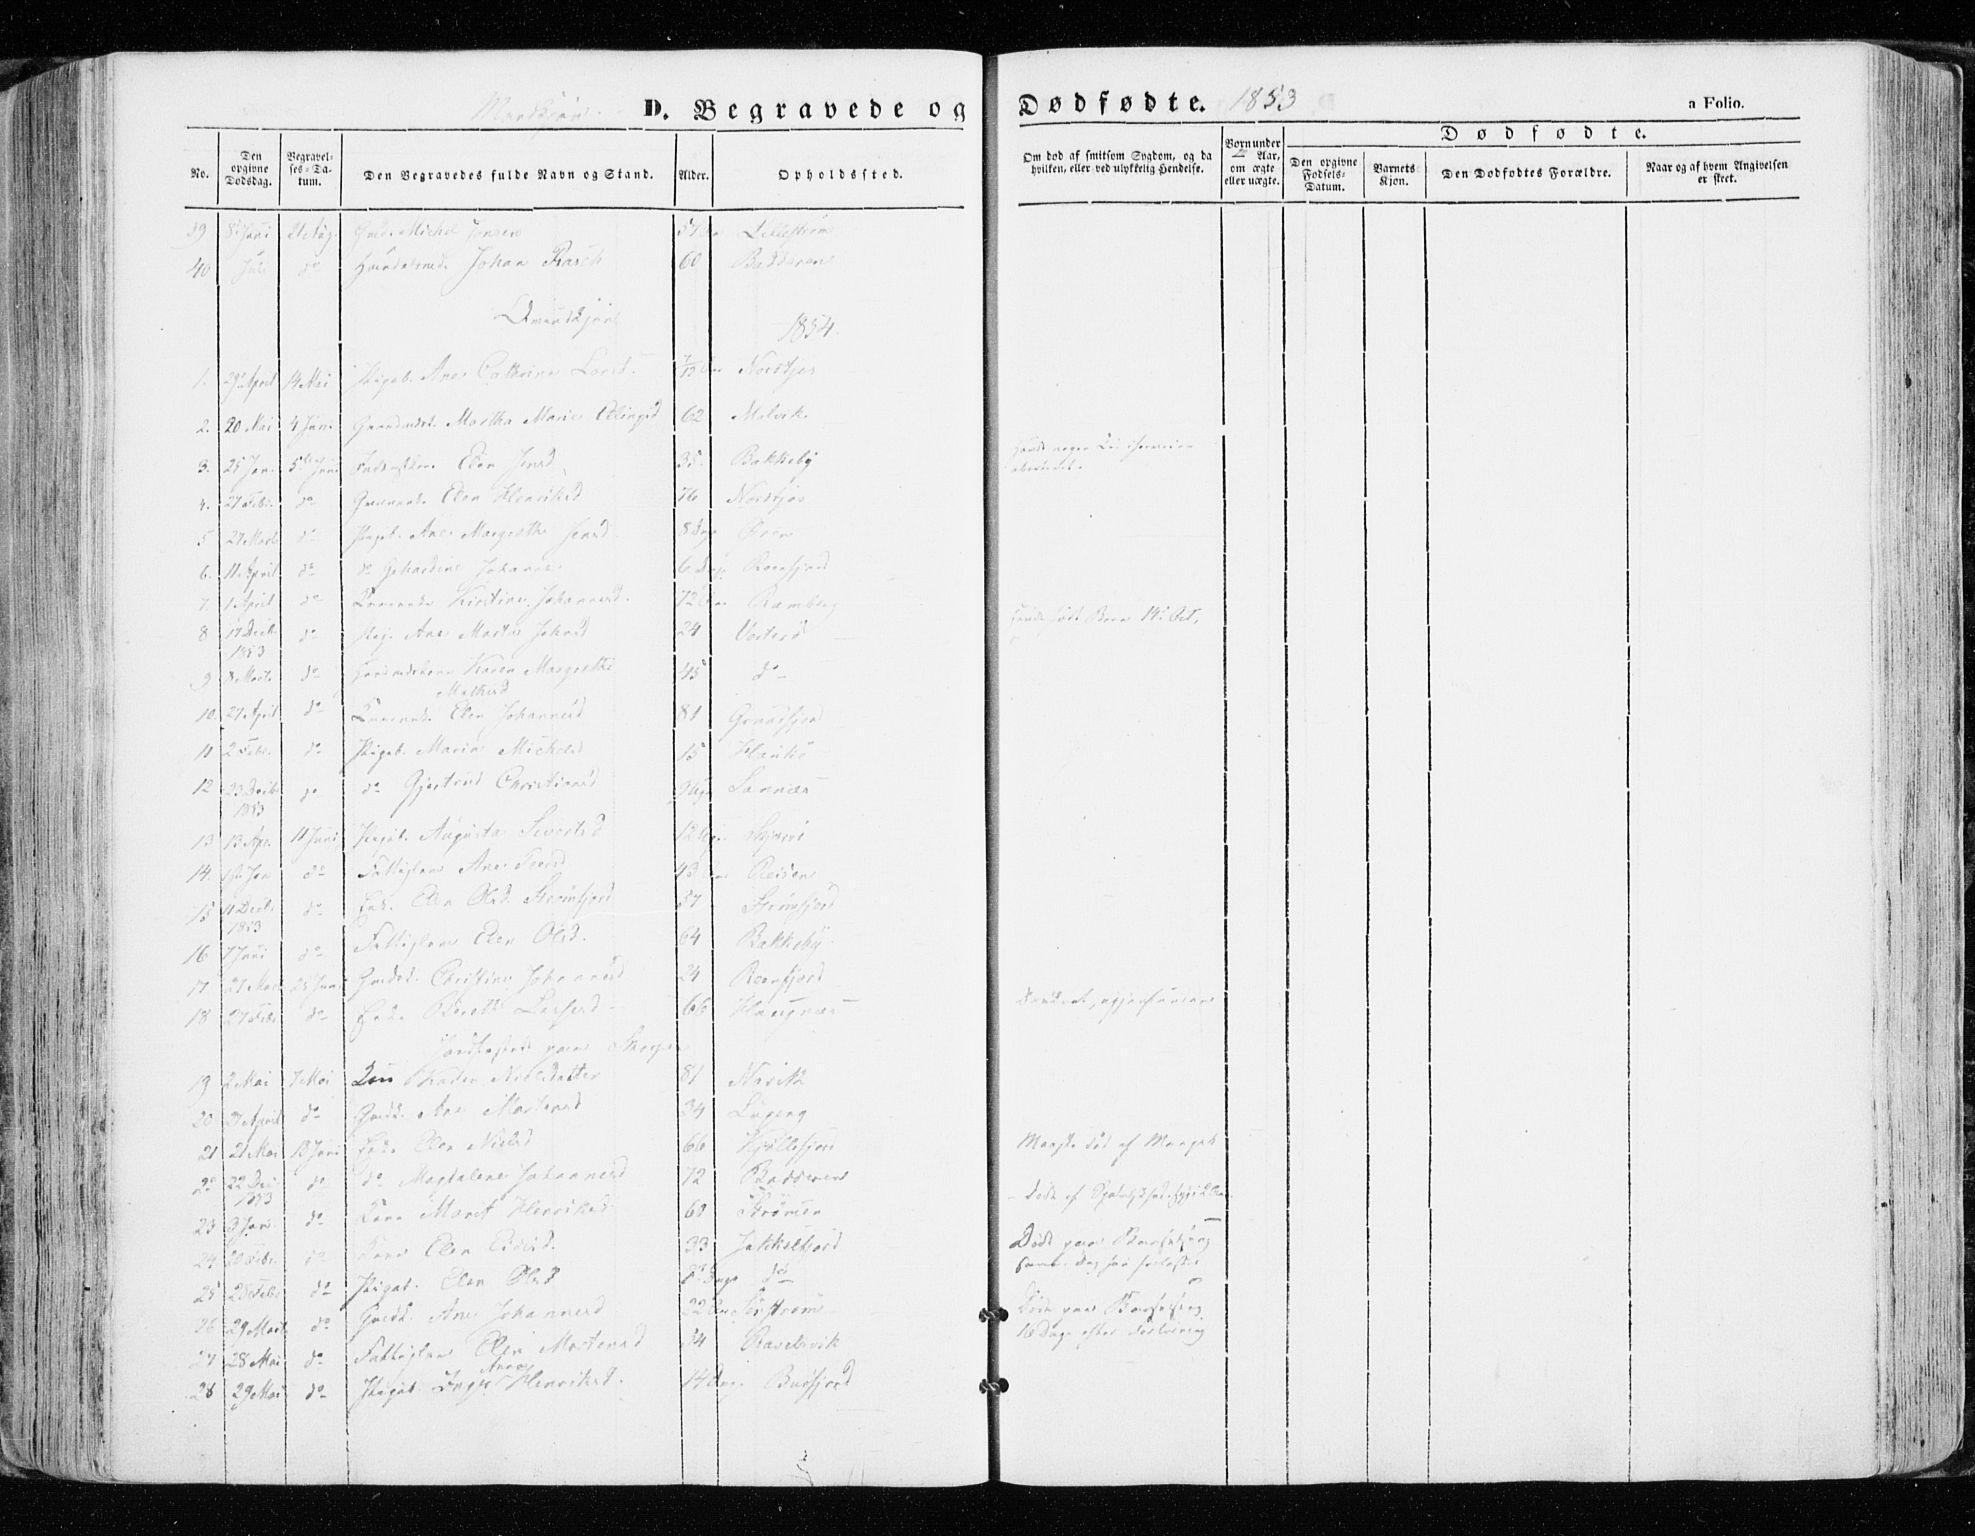 SATØ, Skjervøy sokneprestkontor, H/Ha/Haa/L0006kirke: Ministerialbok nr. 6, 1848-1859